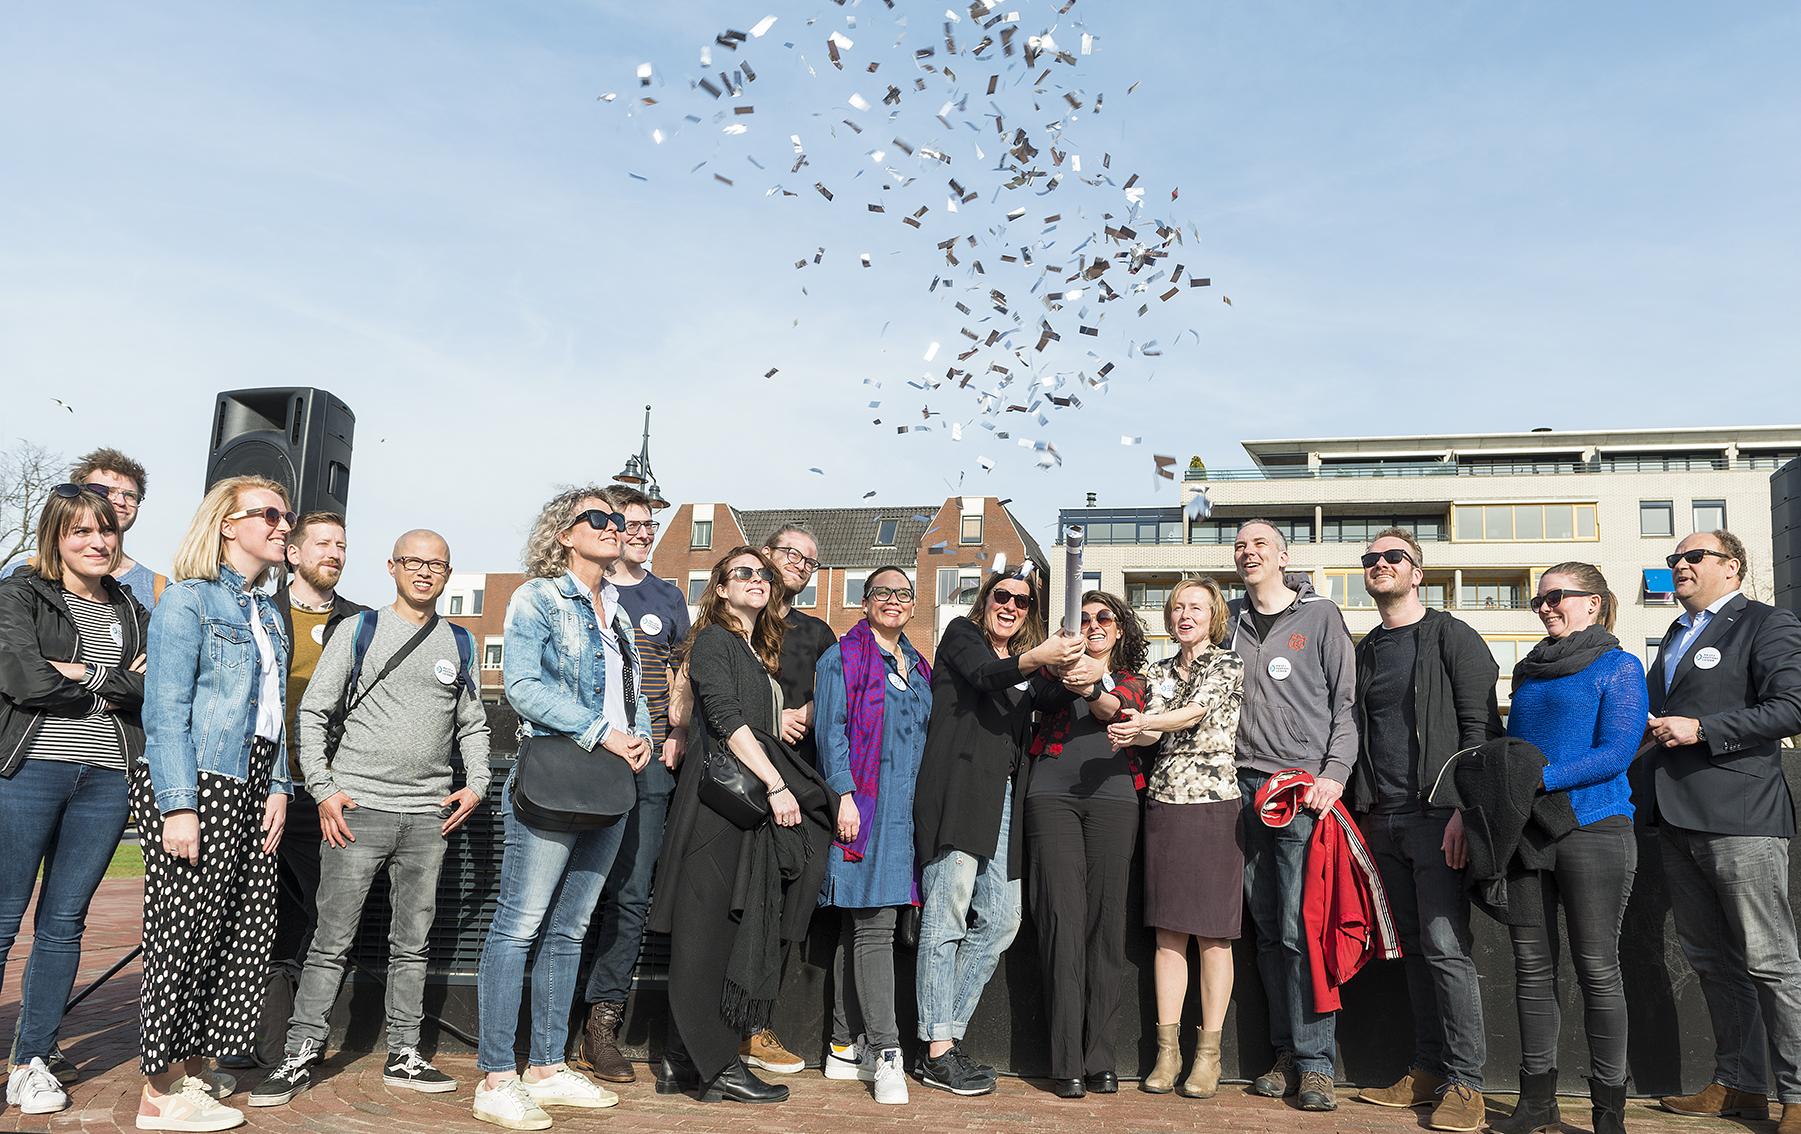 PhotoFestivalLeiden 2018 - Opening